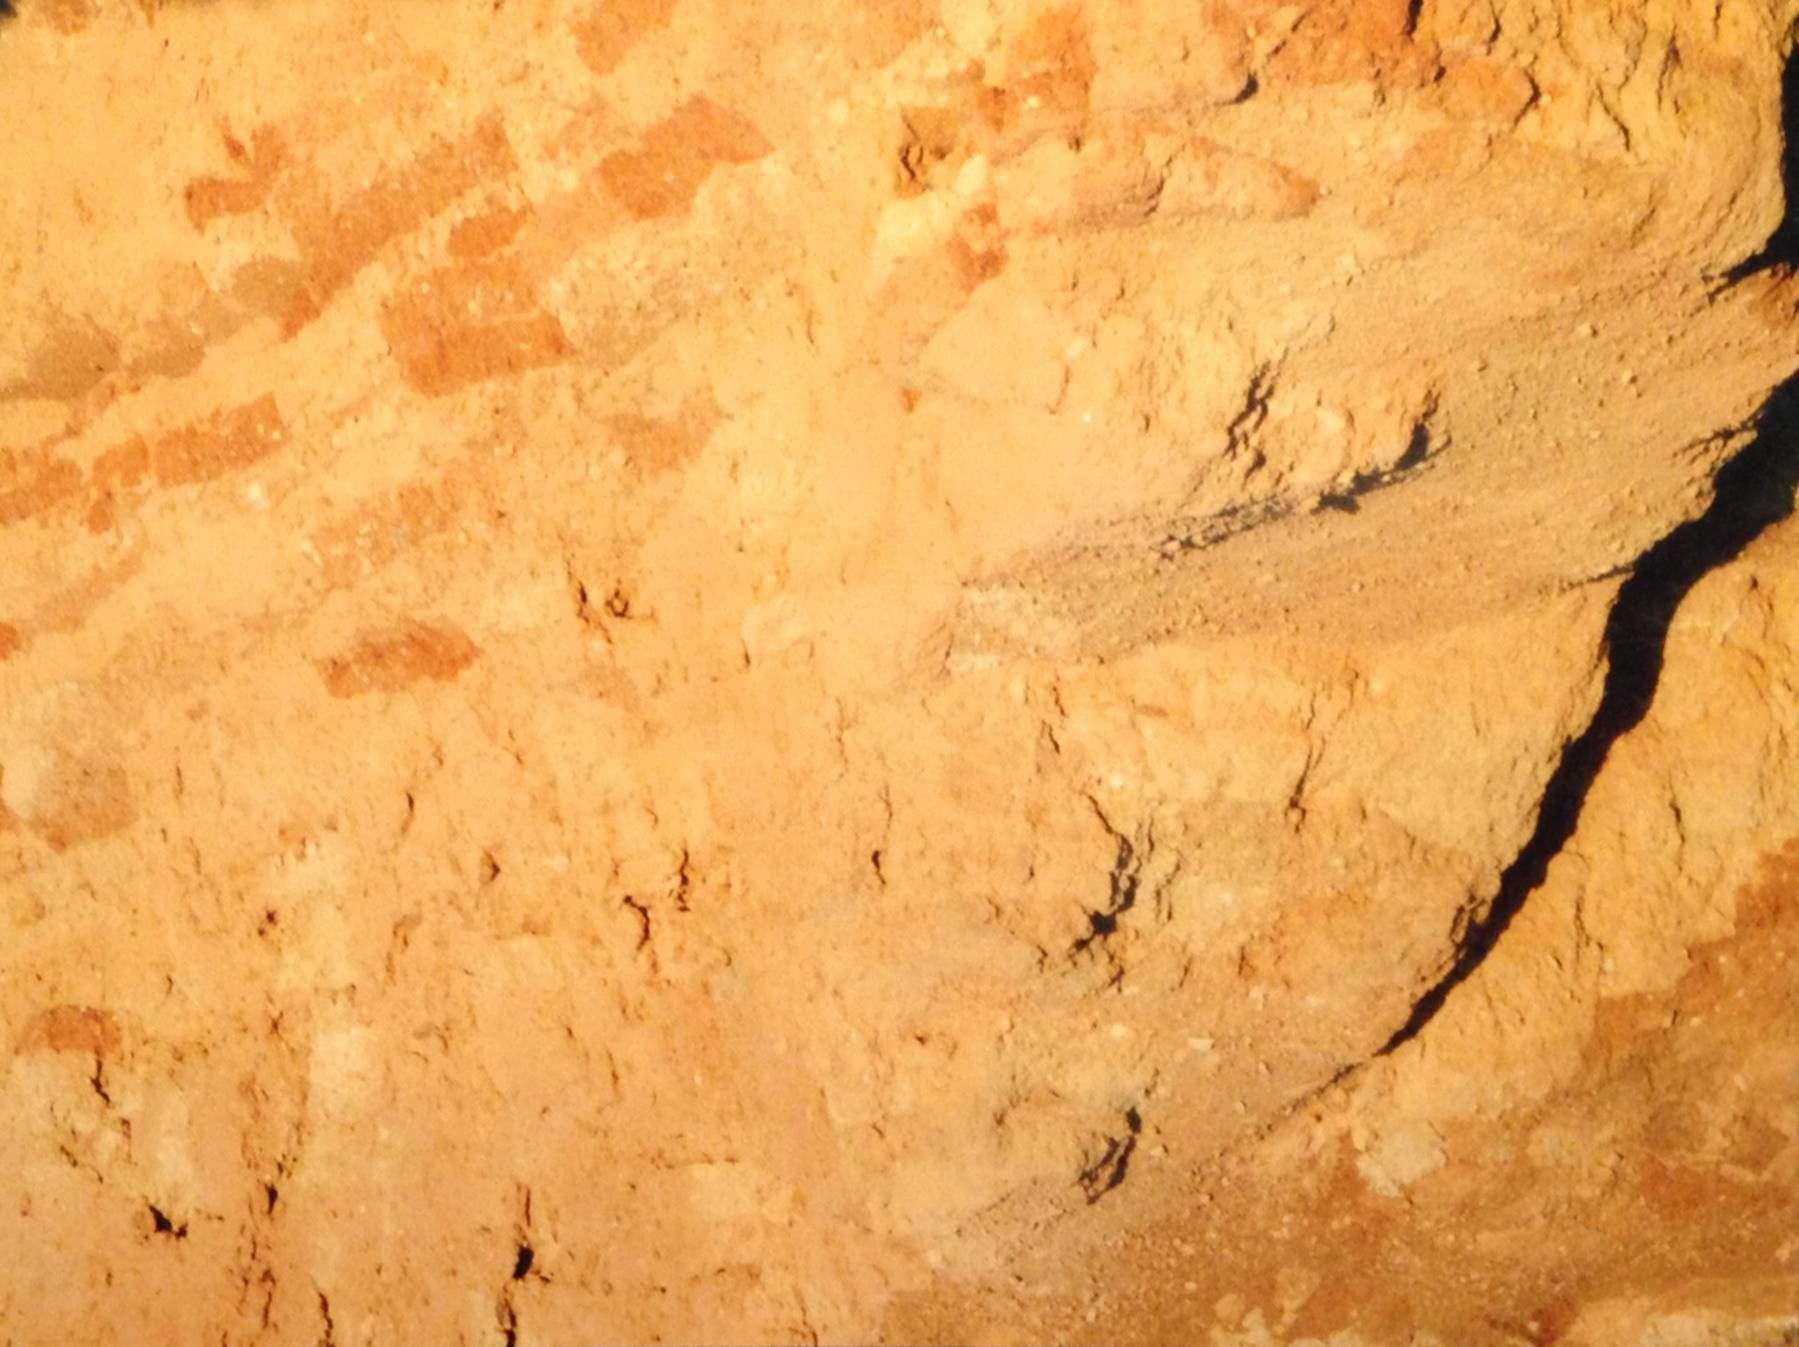 Ebla'daki L. 2769'da bulunan en büyük tabletler raflar üzerinde, tabii ki devrilmiş halde, dizilmişken, Nippur'da tabletler bir raf üzerinde kitapların durduğu gibi dikey duruyordu. Tell Mardikh Kasabası'nda Ebla Şehir Devleti kazıları, Suriye.